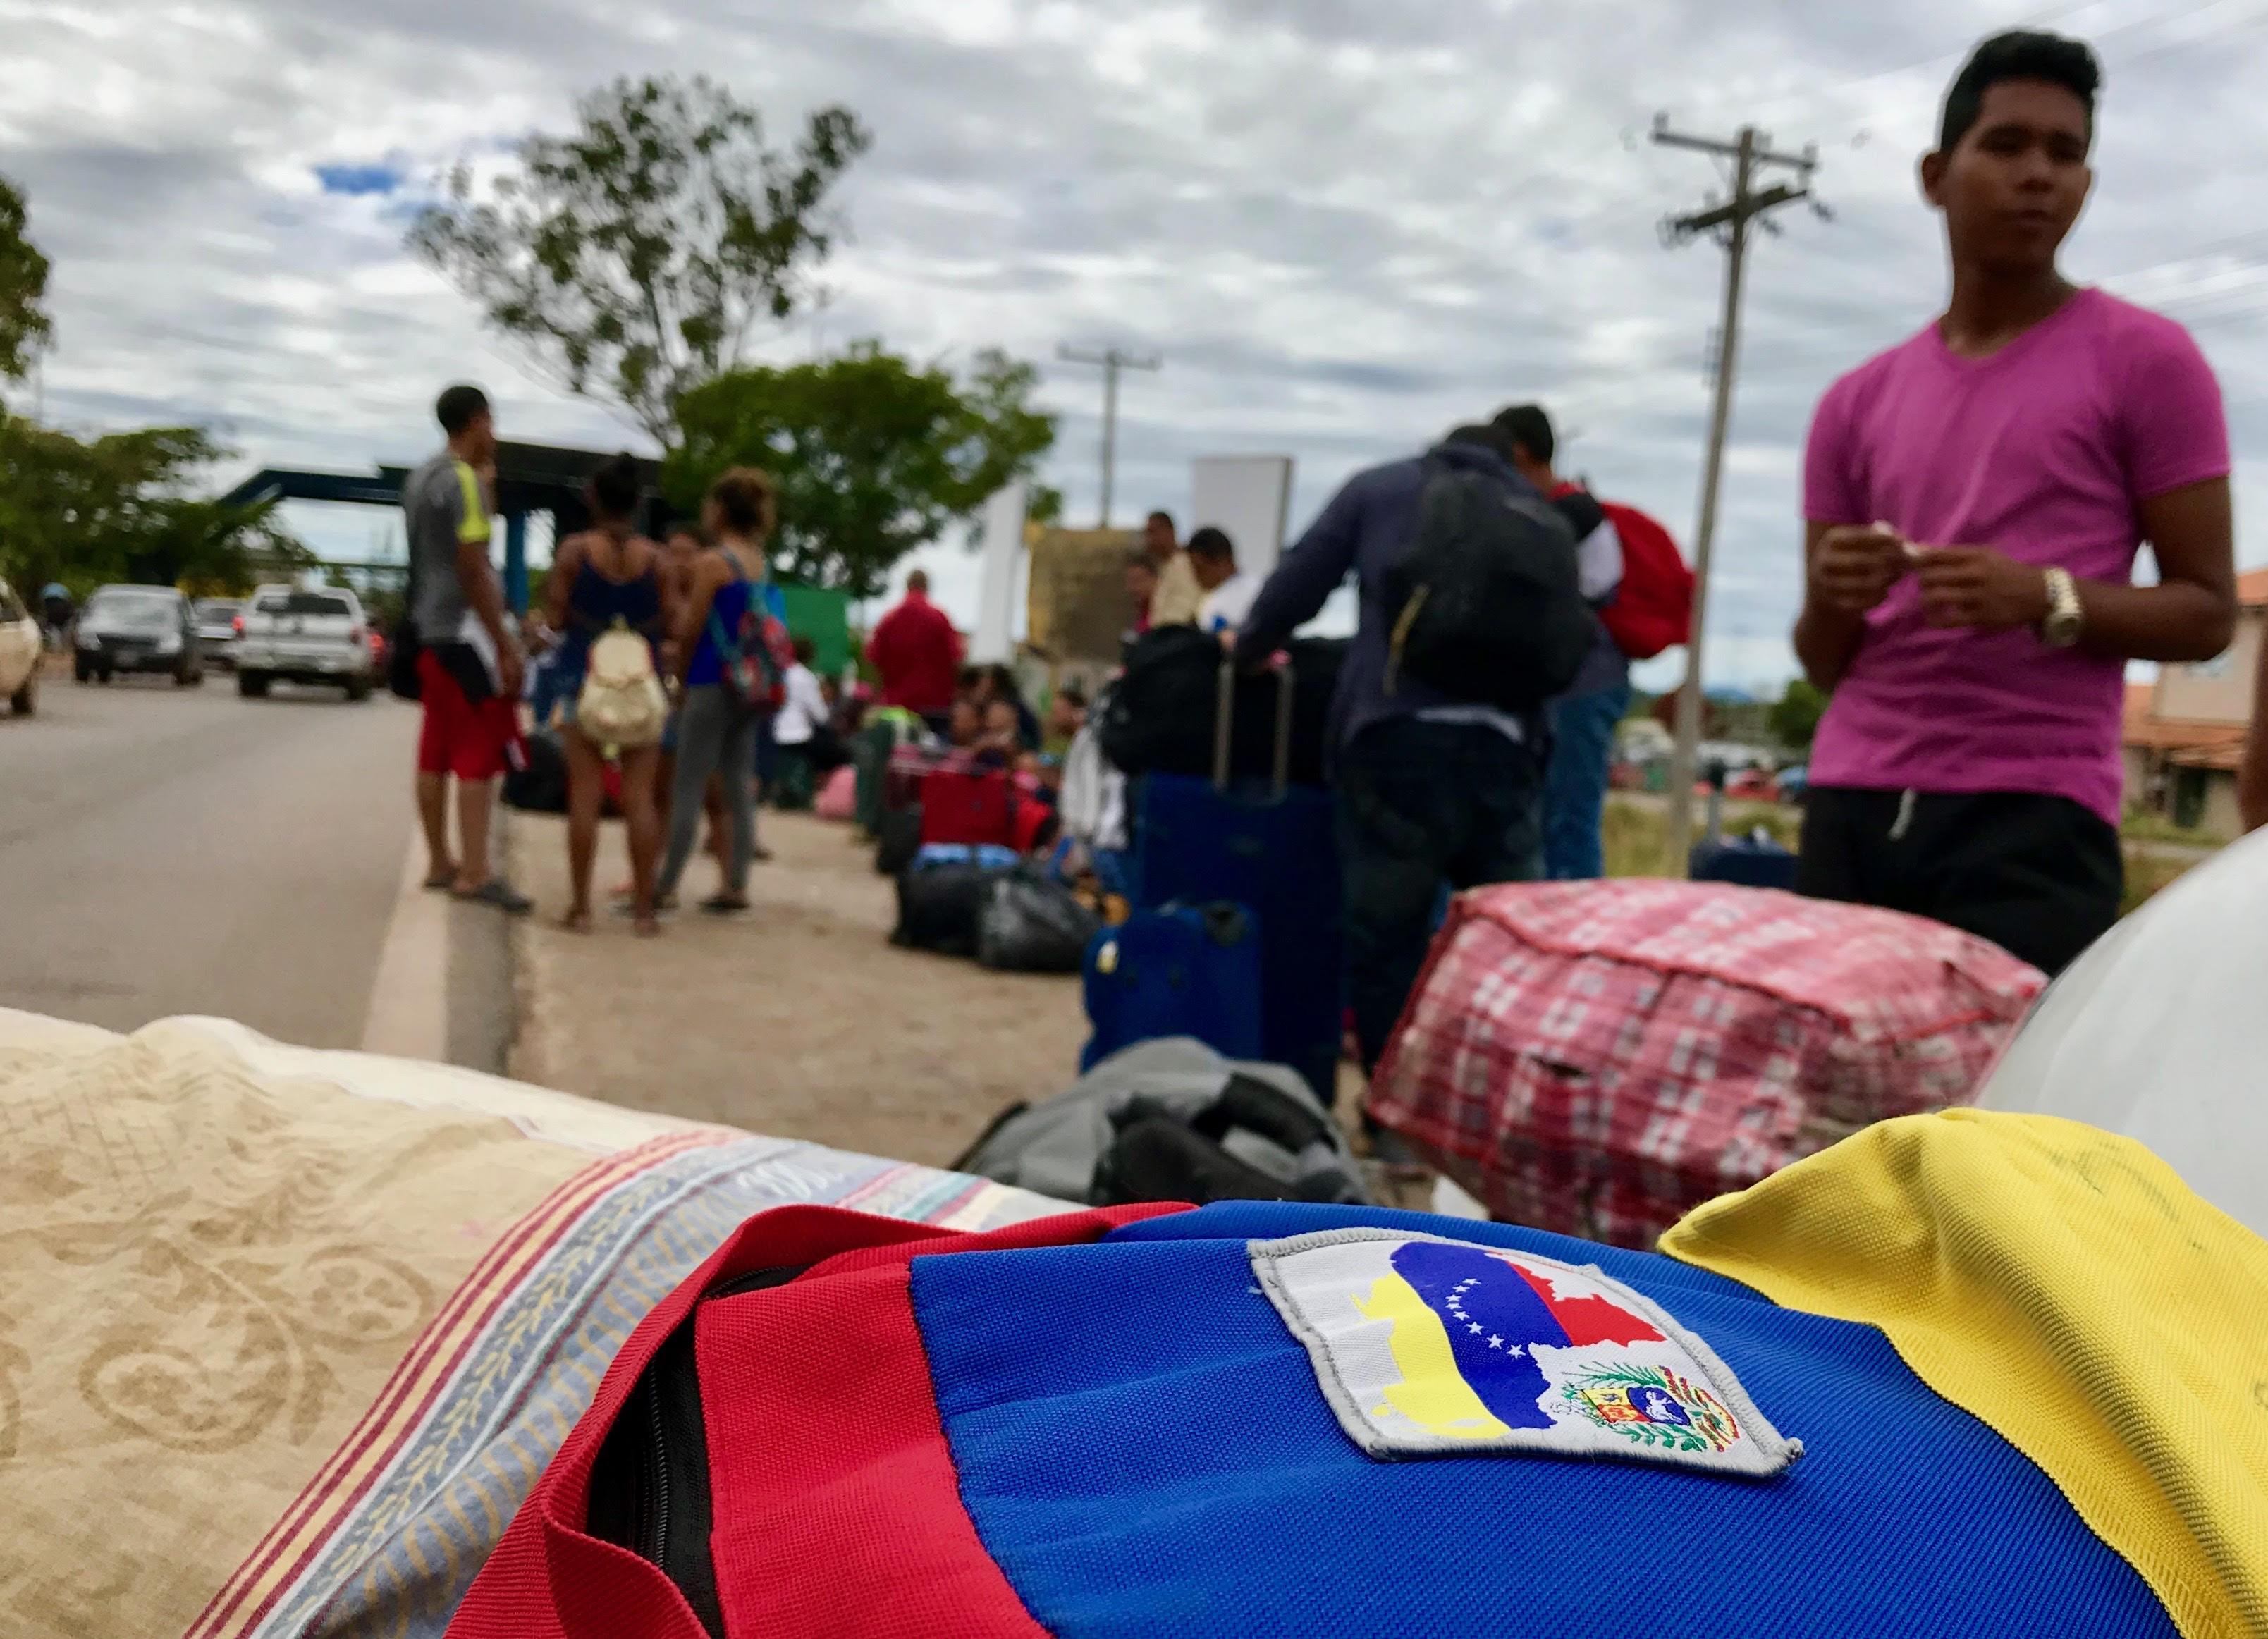 Ministros de Bolsonaro devem visitar Roraima para verificar situação de venezuelanos